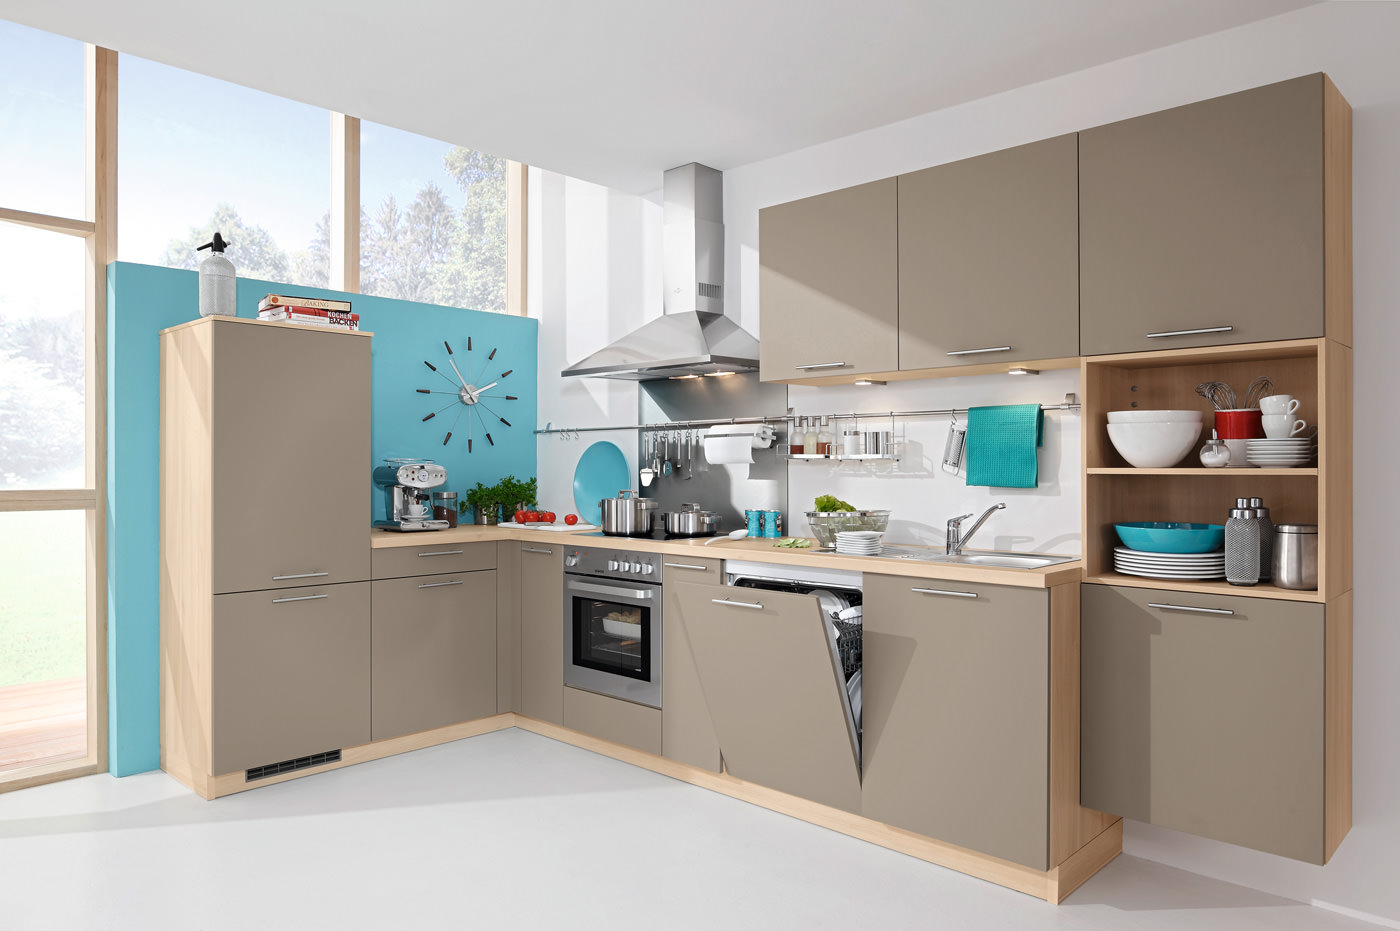 Küchenausstellung in Saalfeld und Jena – jetzt vorbeikommen!